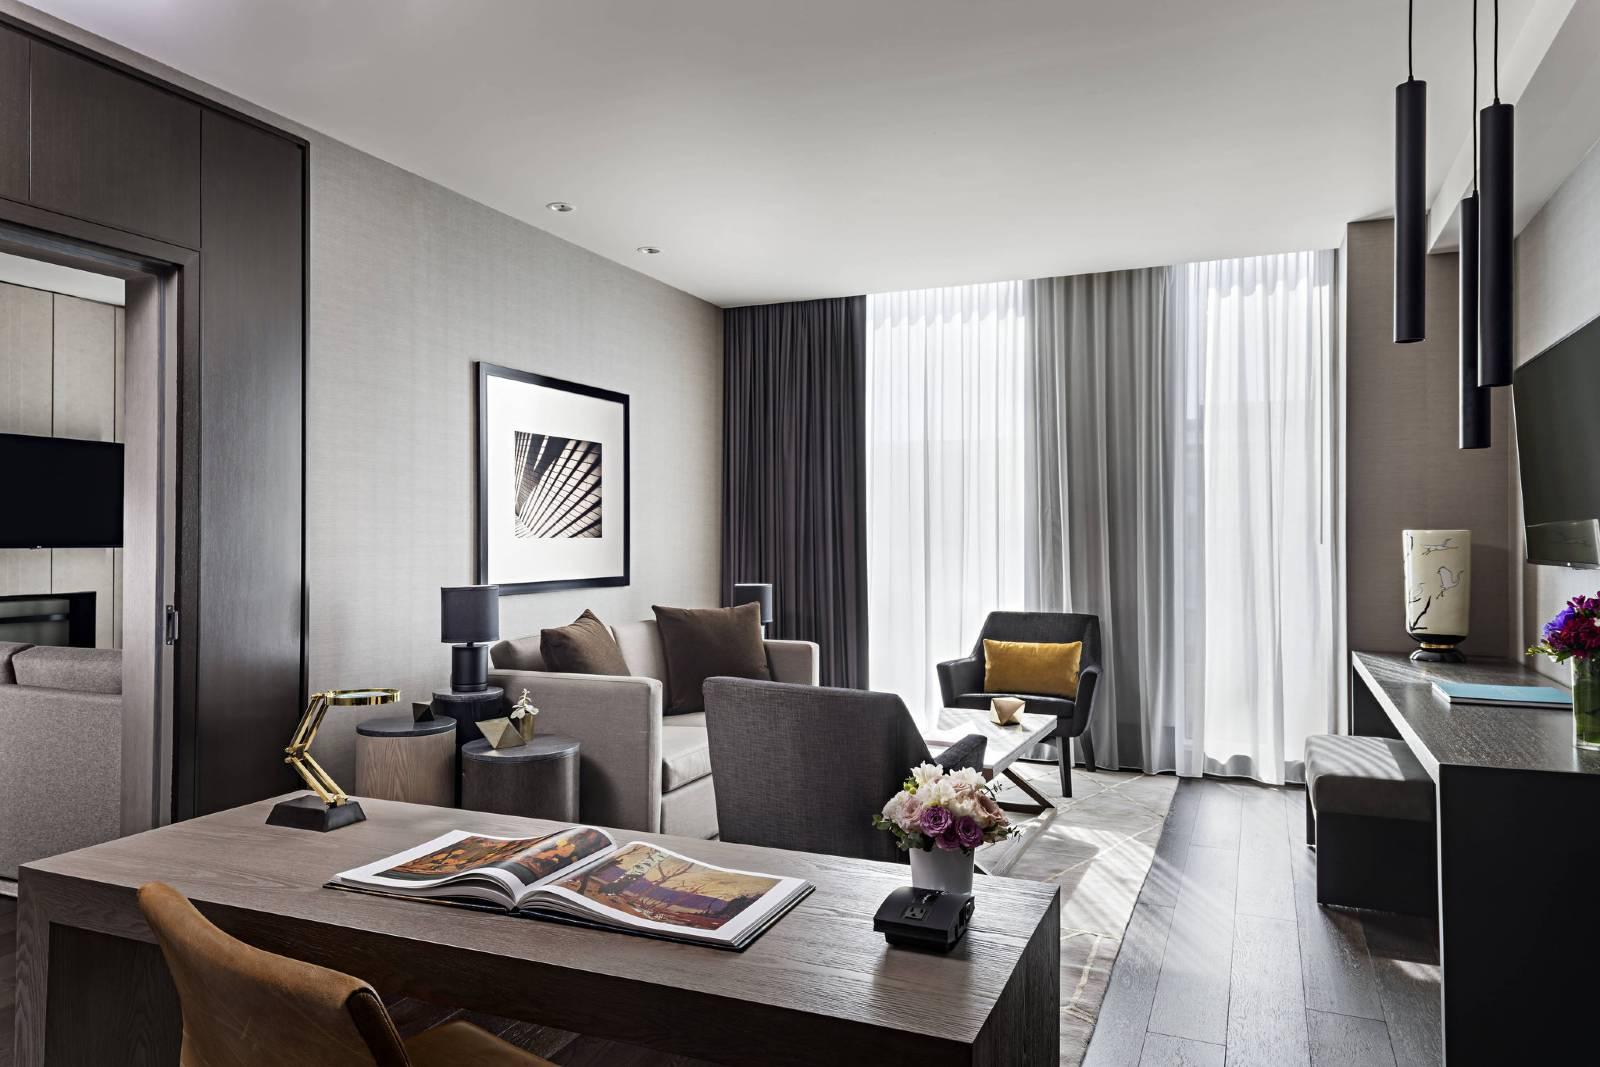 Nội thất phòng khách căn hộ mẫu Xuân Mai Tower Thanh Hoá